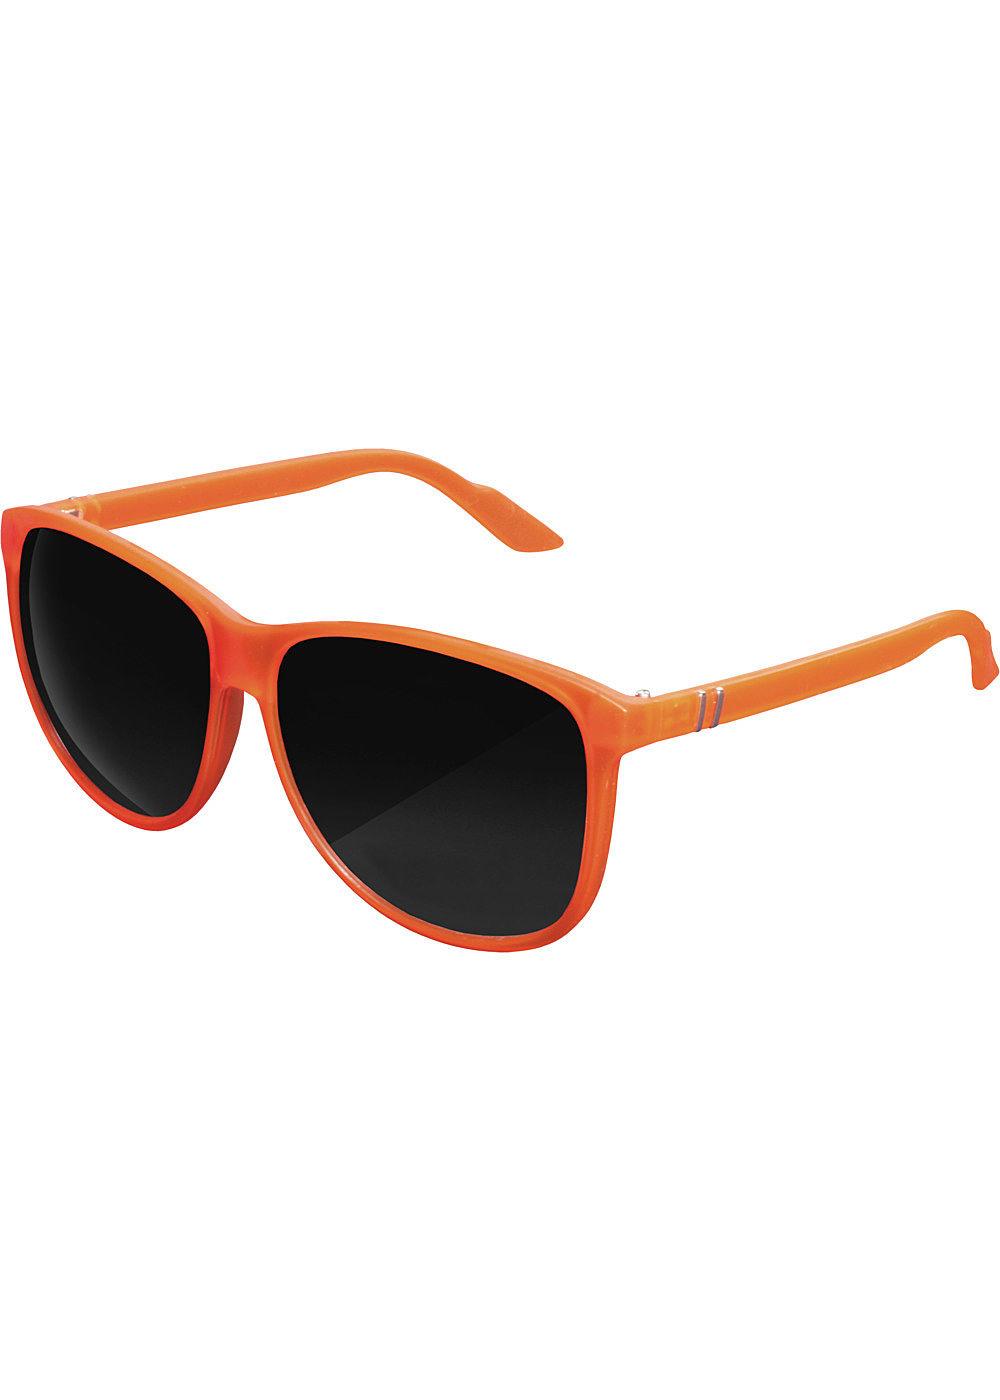 seventyseven lifestyle sonnenbrille inkl schutzh lle uv schutz 400 neon orange 77onlineshop. Black Bedroom Furniture Sets. Home Design Ideas